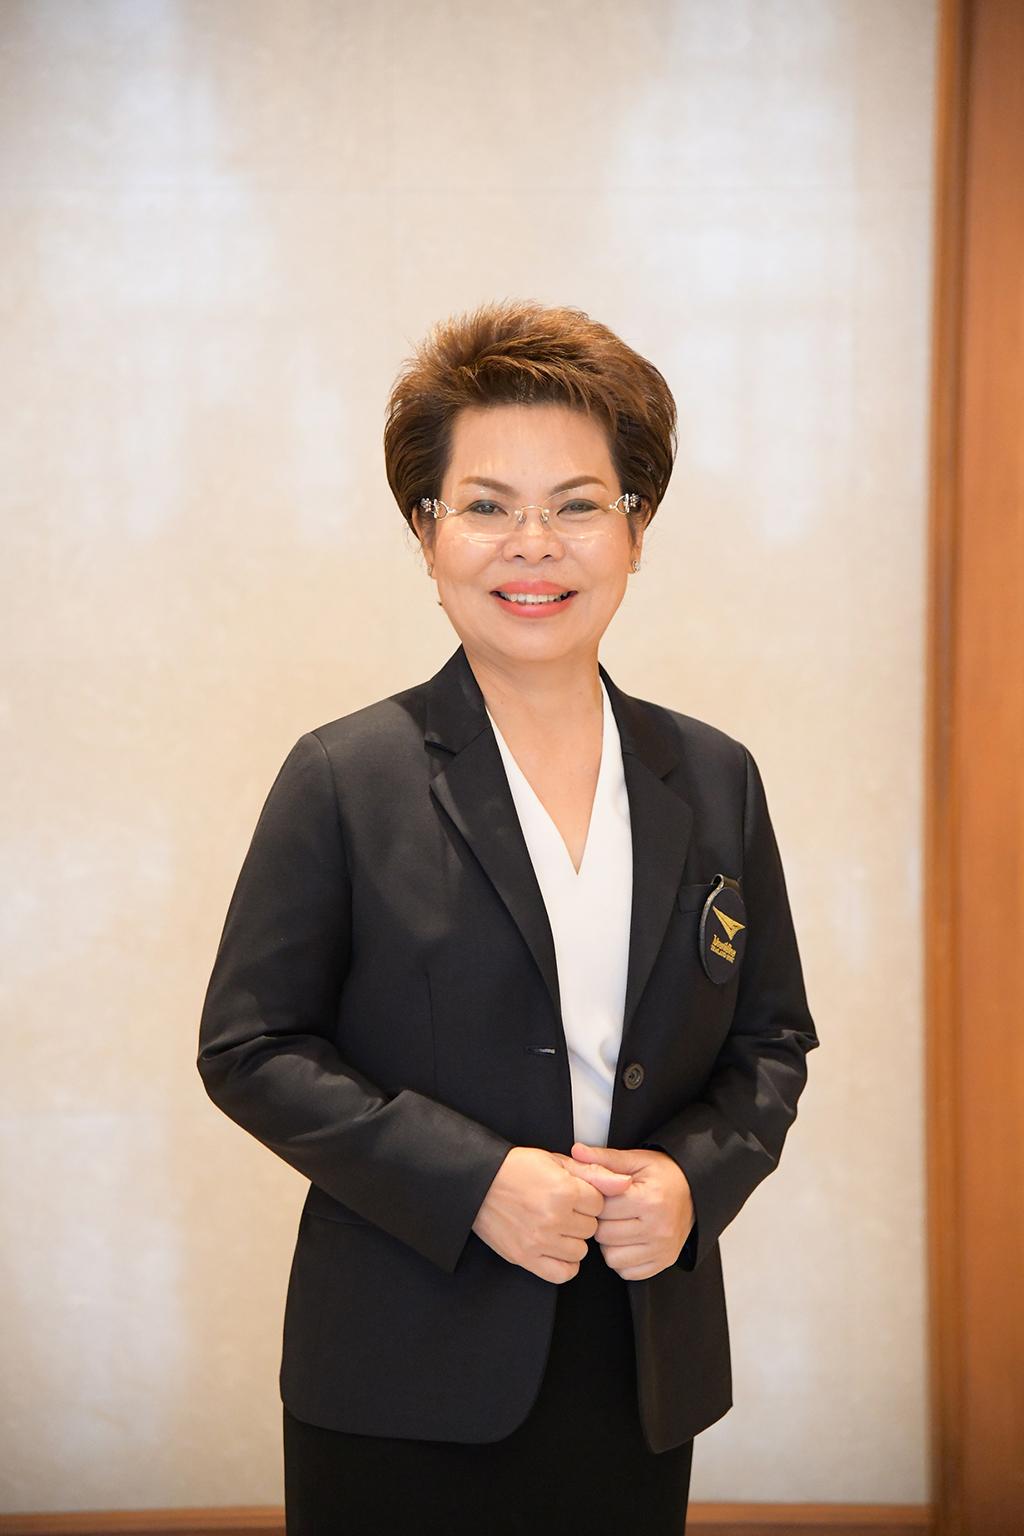 นางสมร เทิดธรรมพิบูล กรรมการผู้จัดการใหญ่ บริษัท ไปรษณีย์ไทย จำกัด (ปณท)